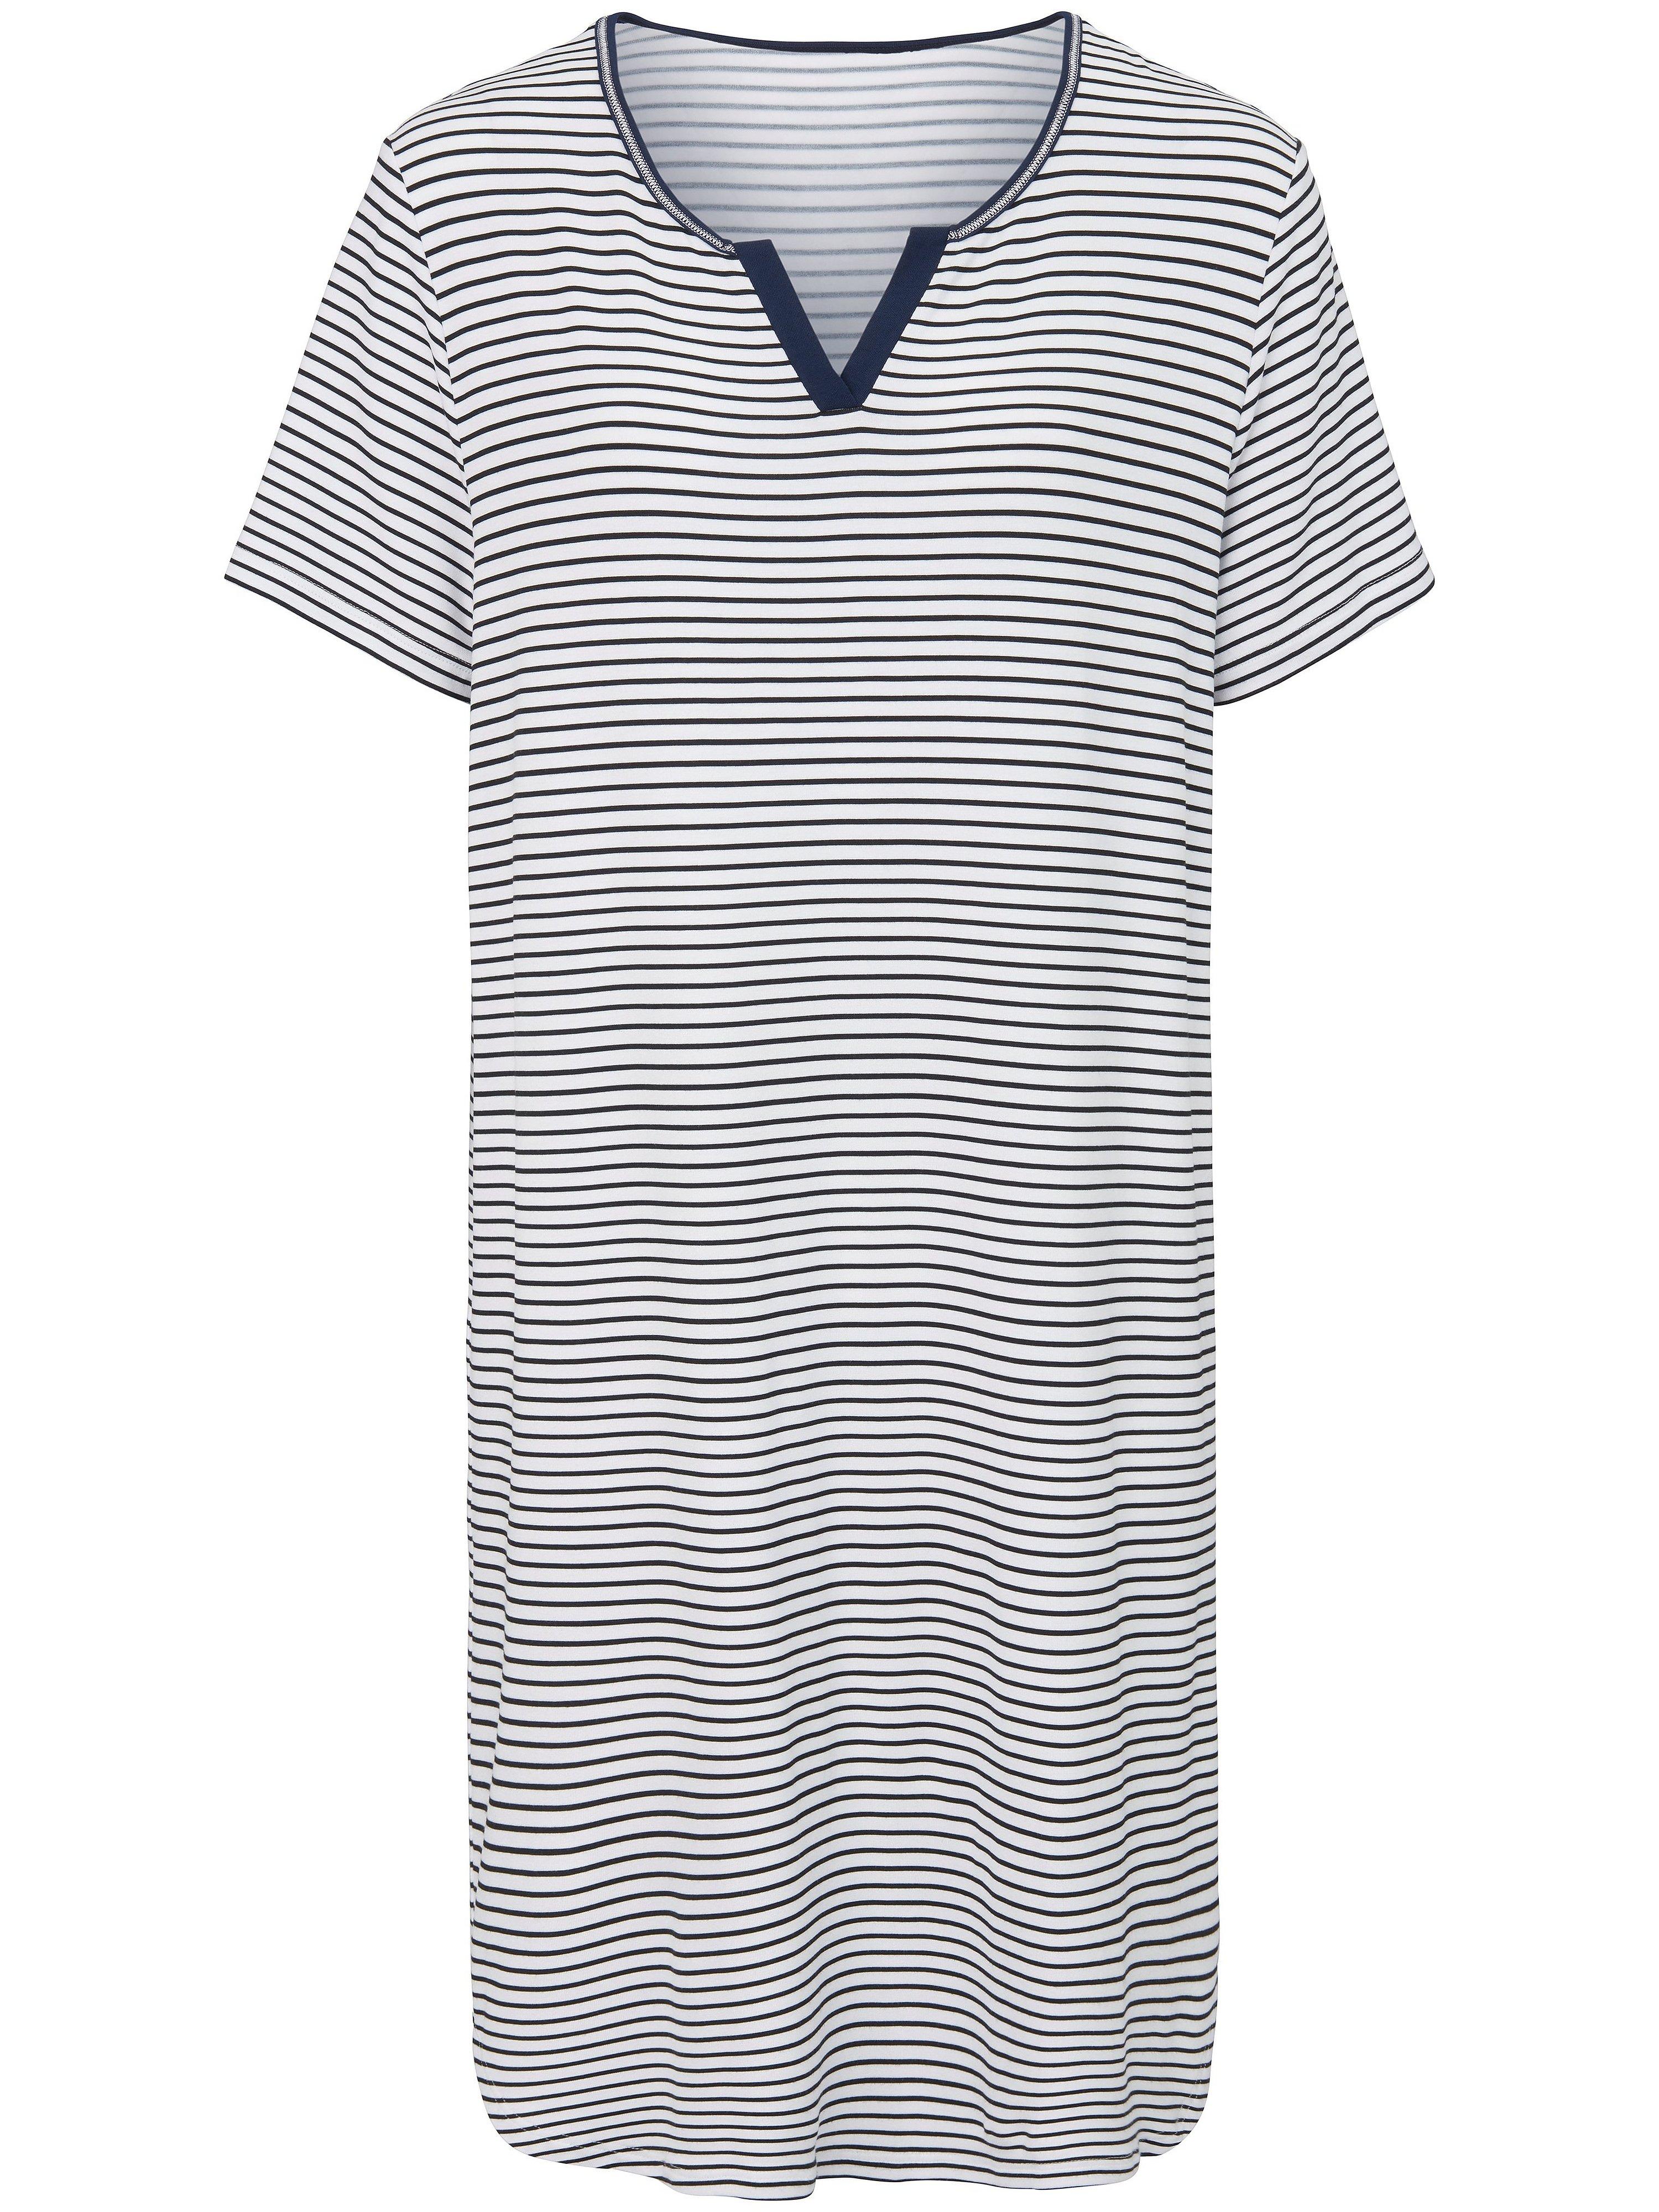 La chemise nuit 100% coton  Hautnah multicolore